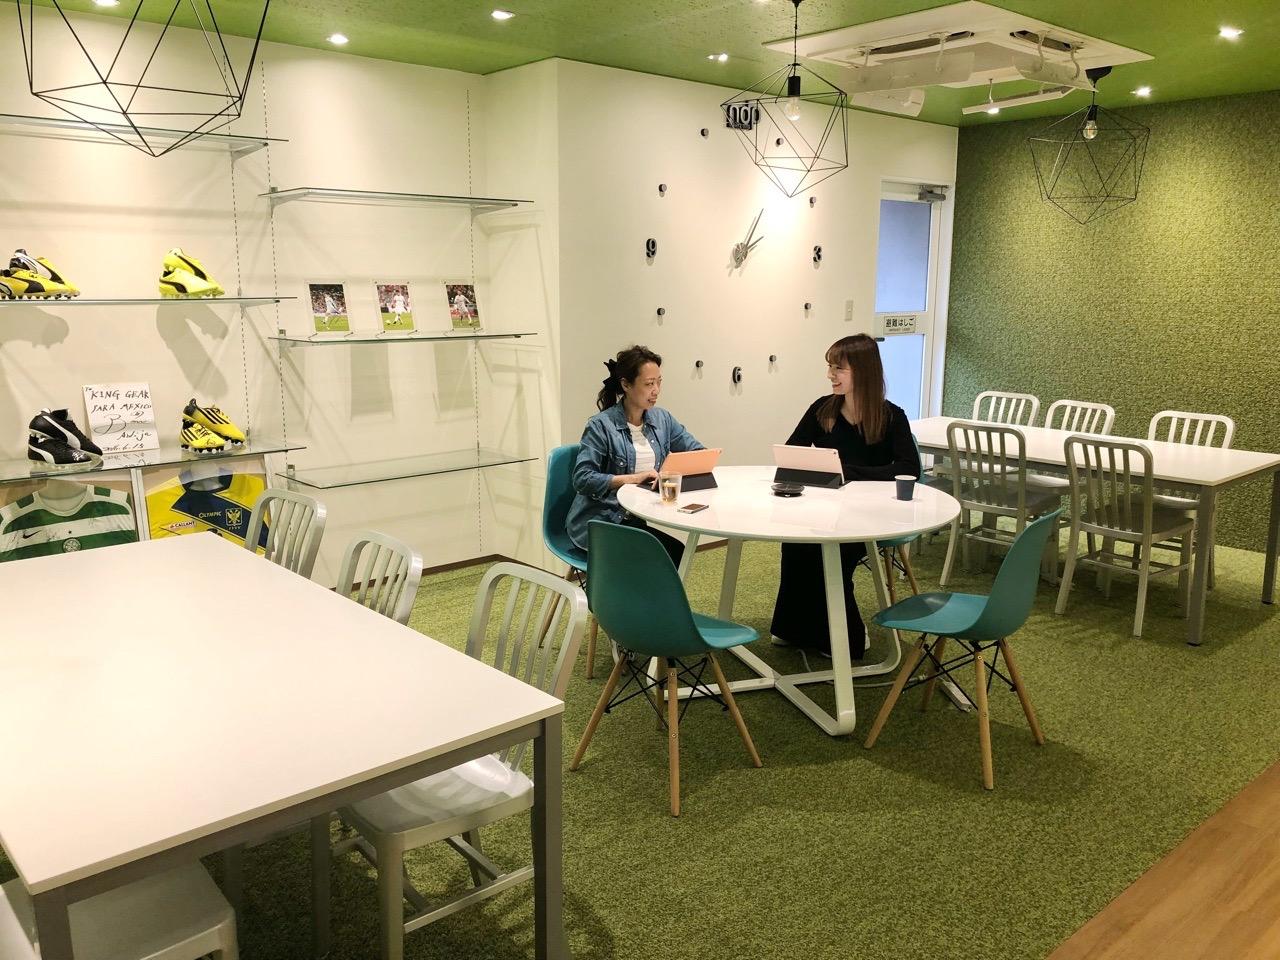 編集部は、女性が活躍!!開放的なオープンスペースで楽しくお仕事